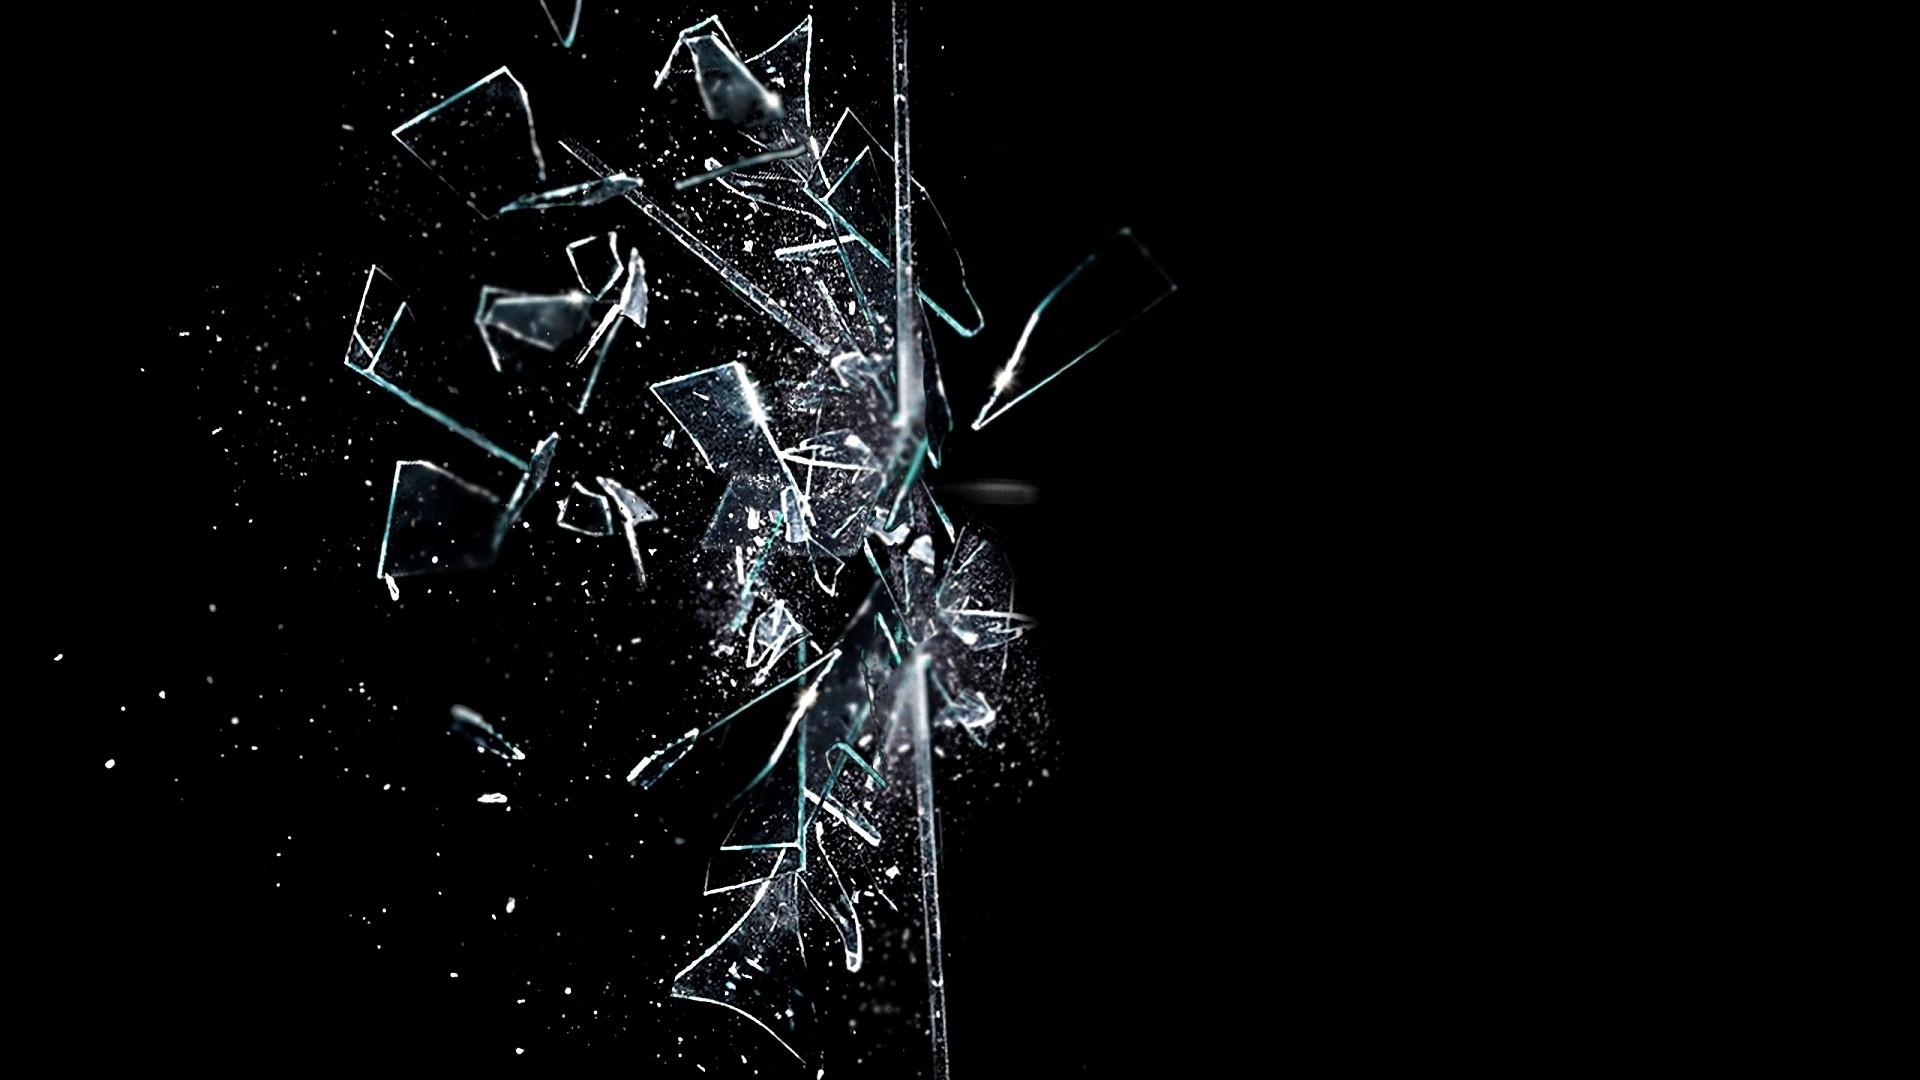 10 Broken Glass Textures Mockup  CM 18698  Creative Market